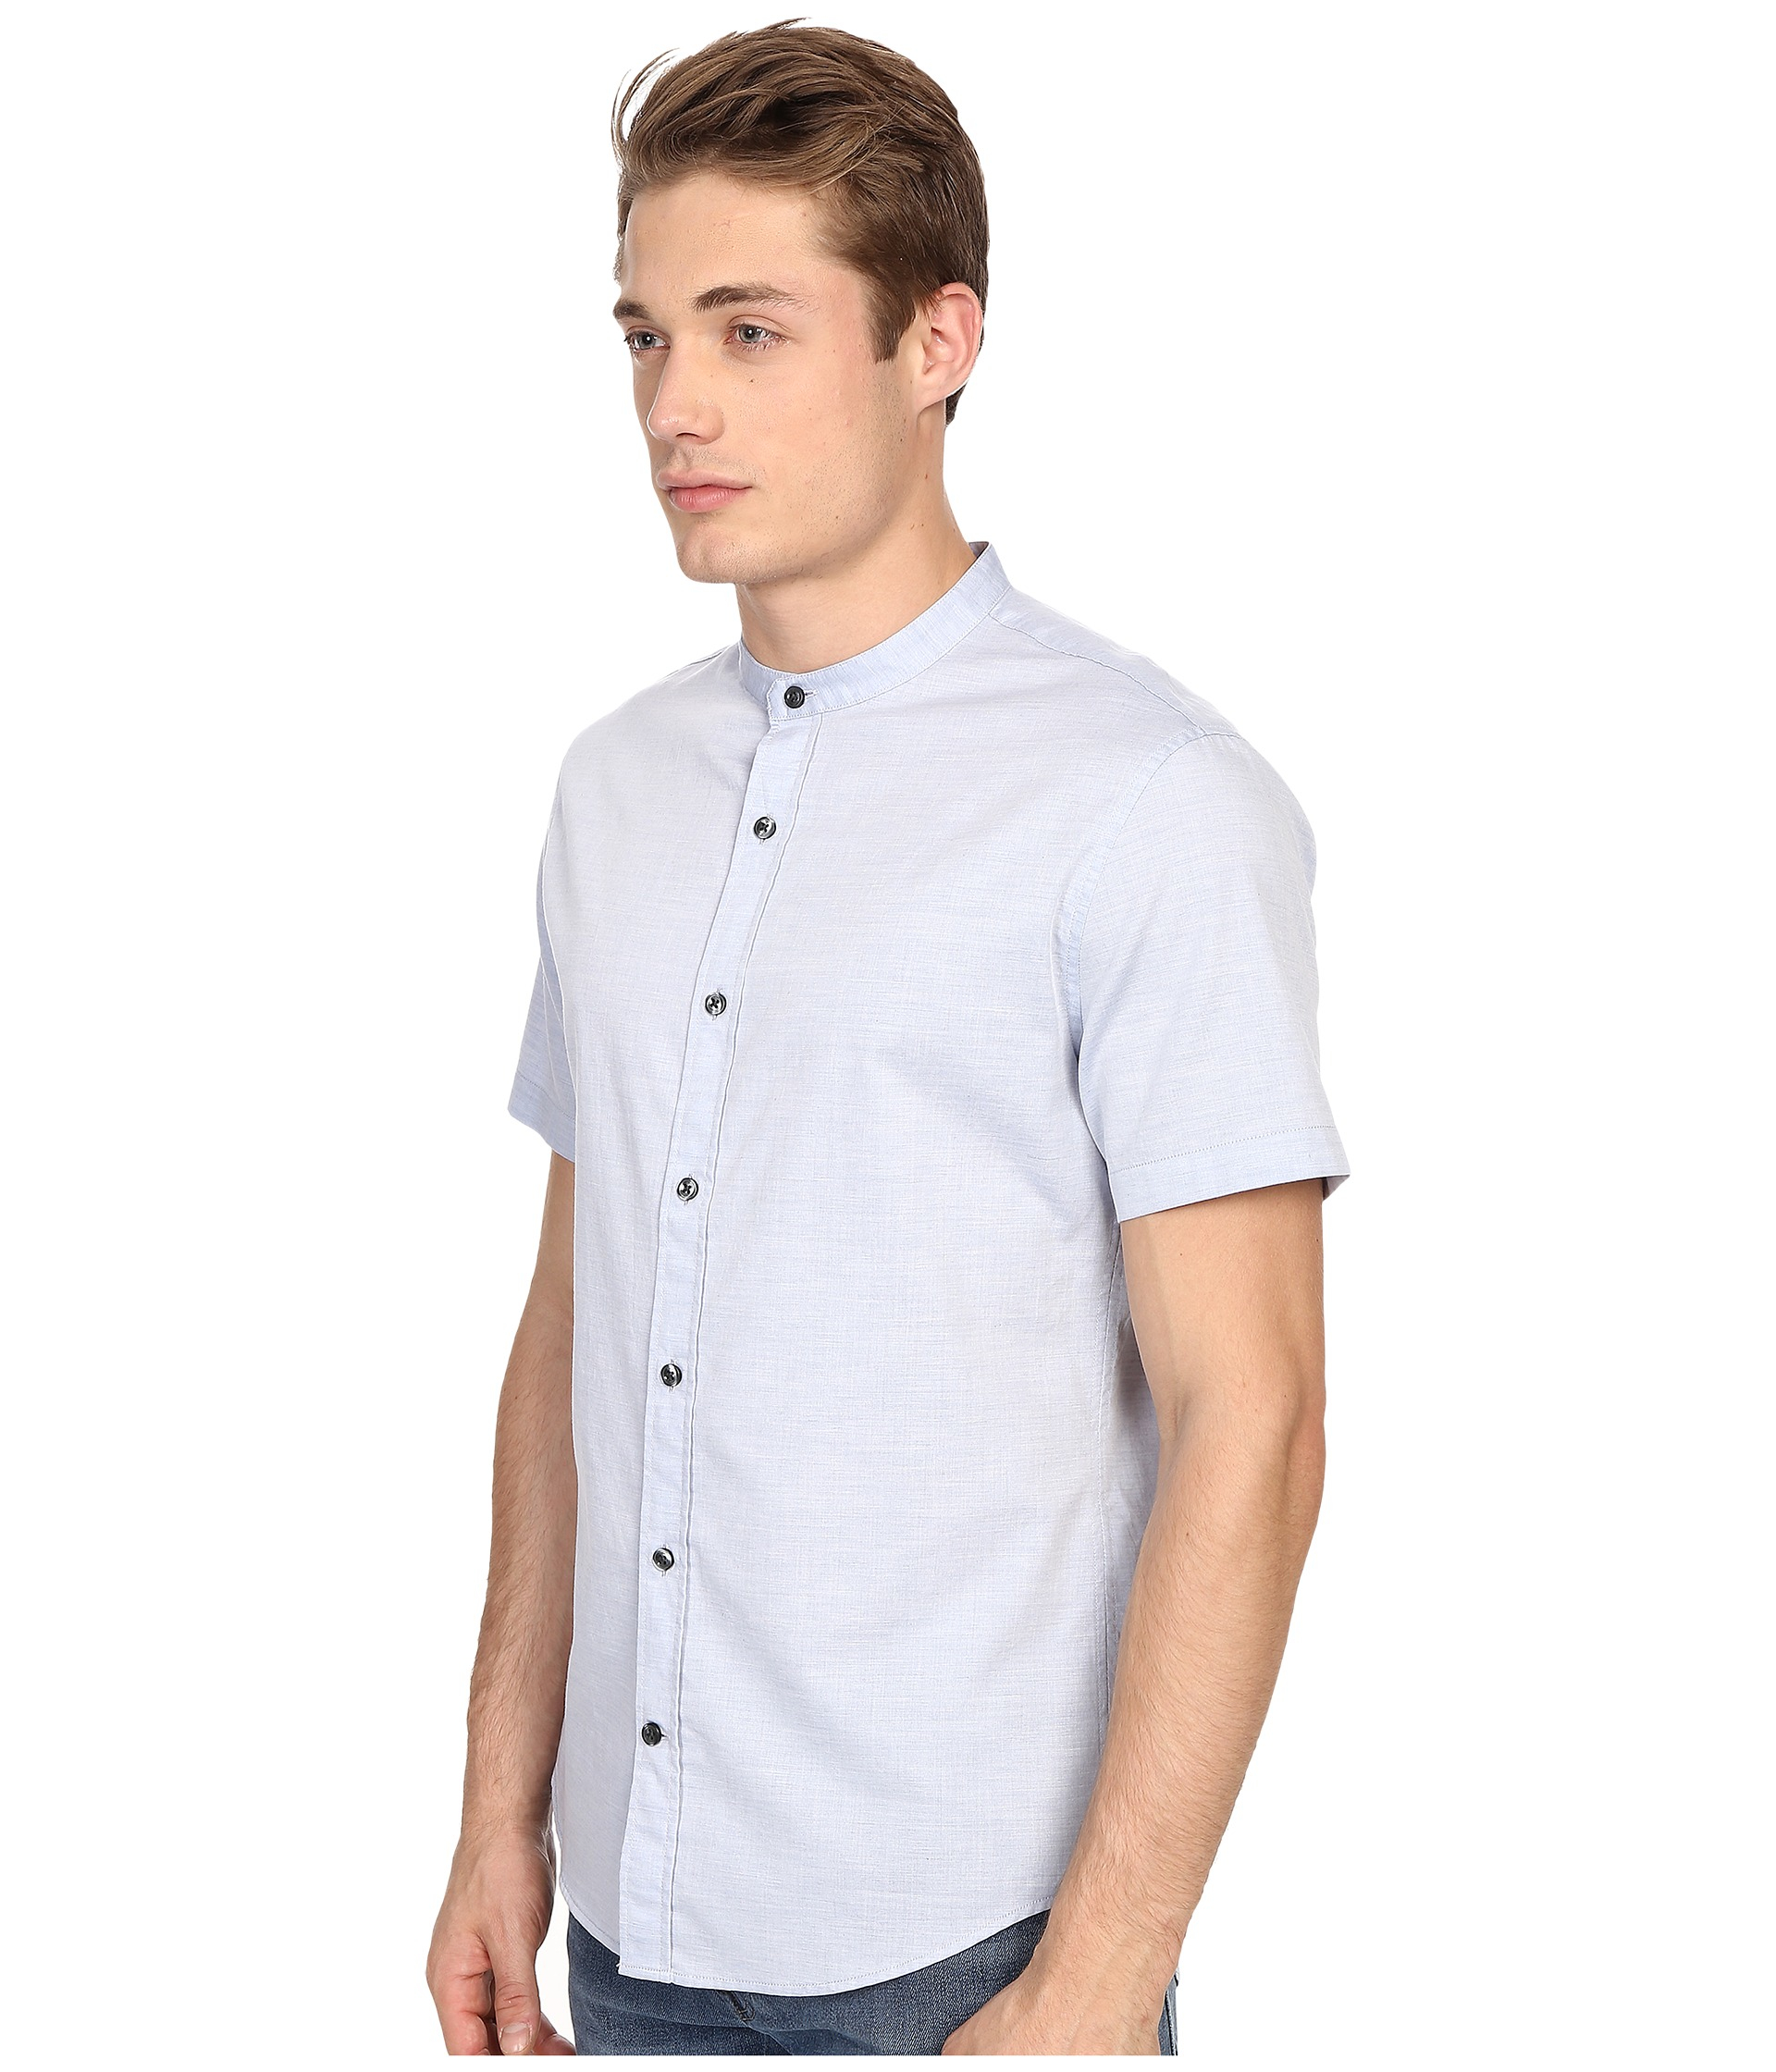 Mens Collarless Banded Collar Dress Shirt Bcd Tofu House